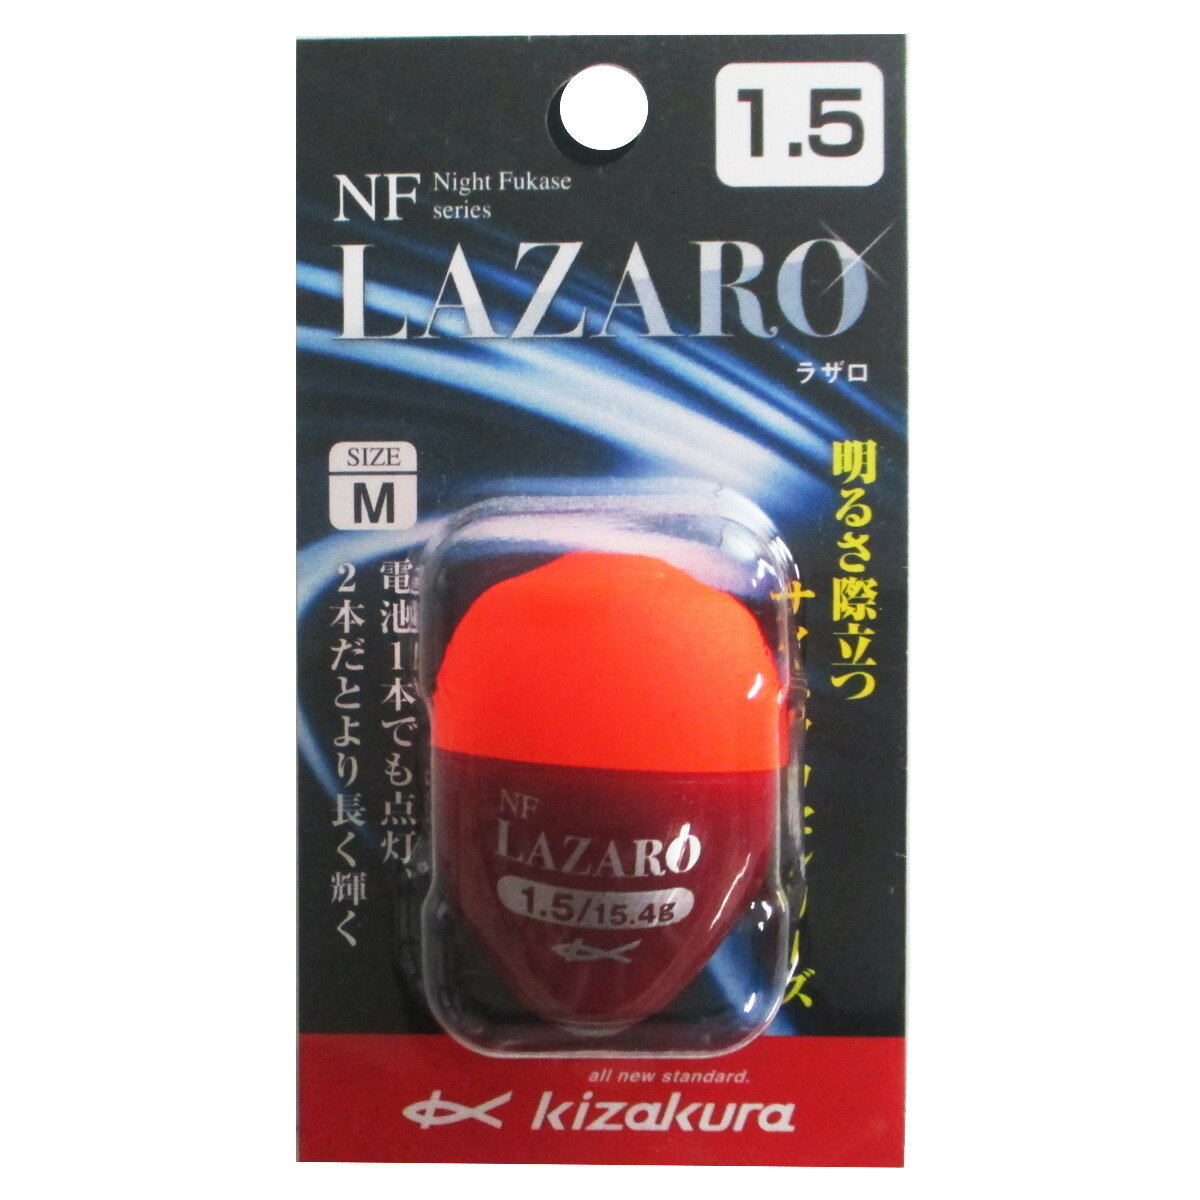 キザクラ NF ラザロ M 1.5 オレンジ